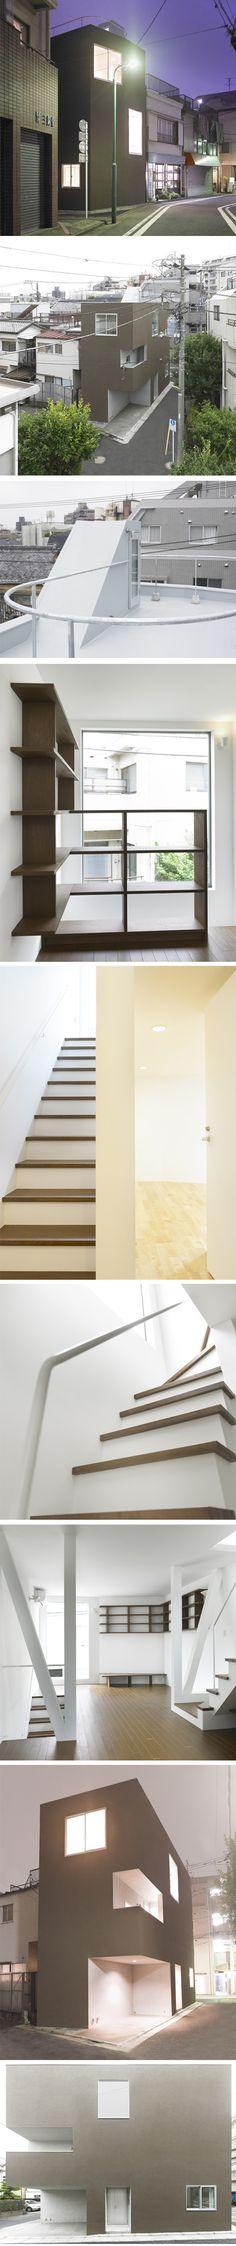 Shimouma House par Kazuya Saito Architects.